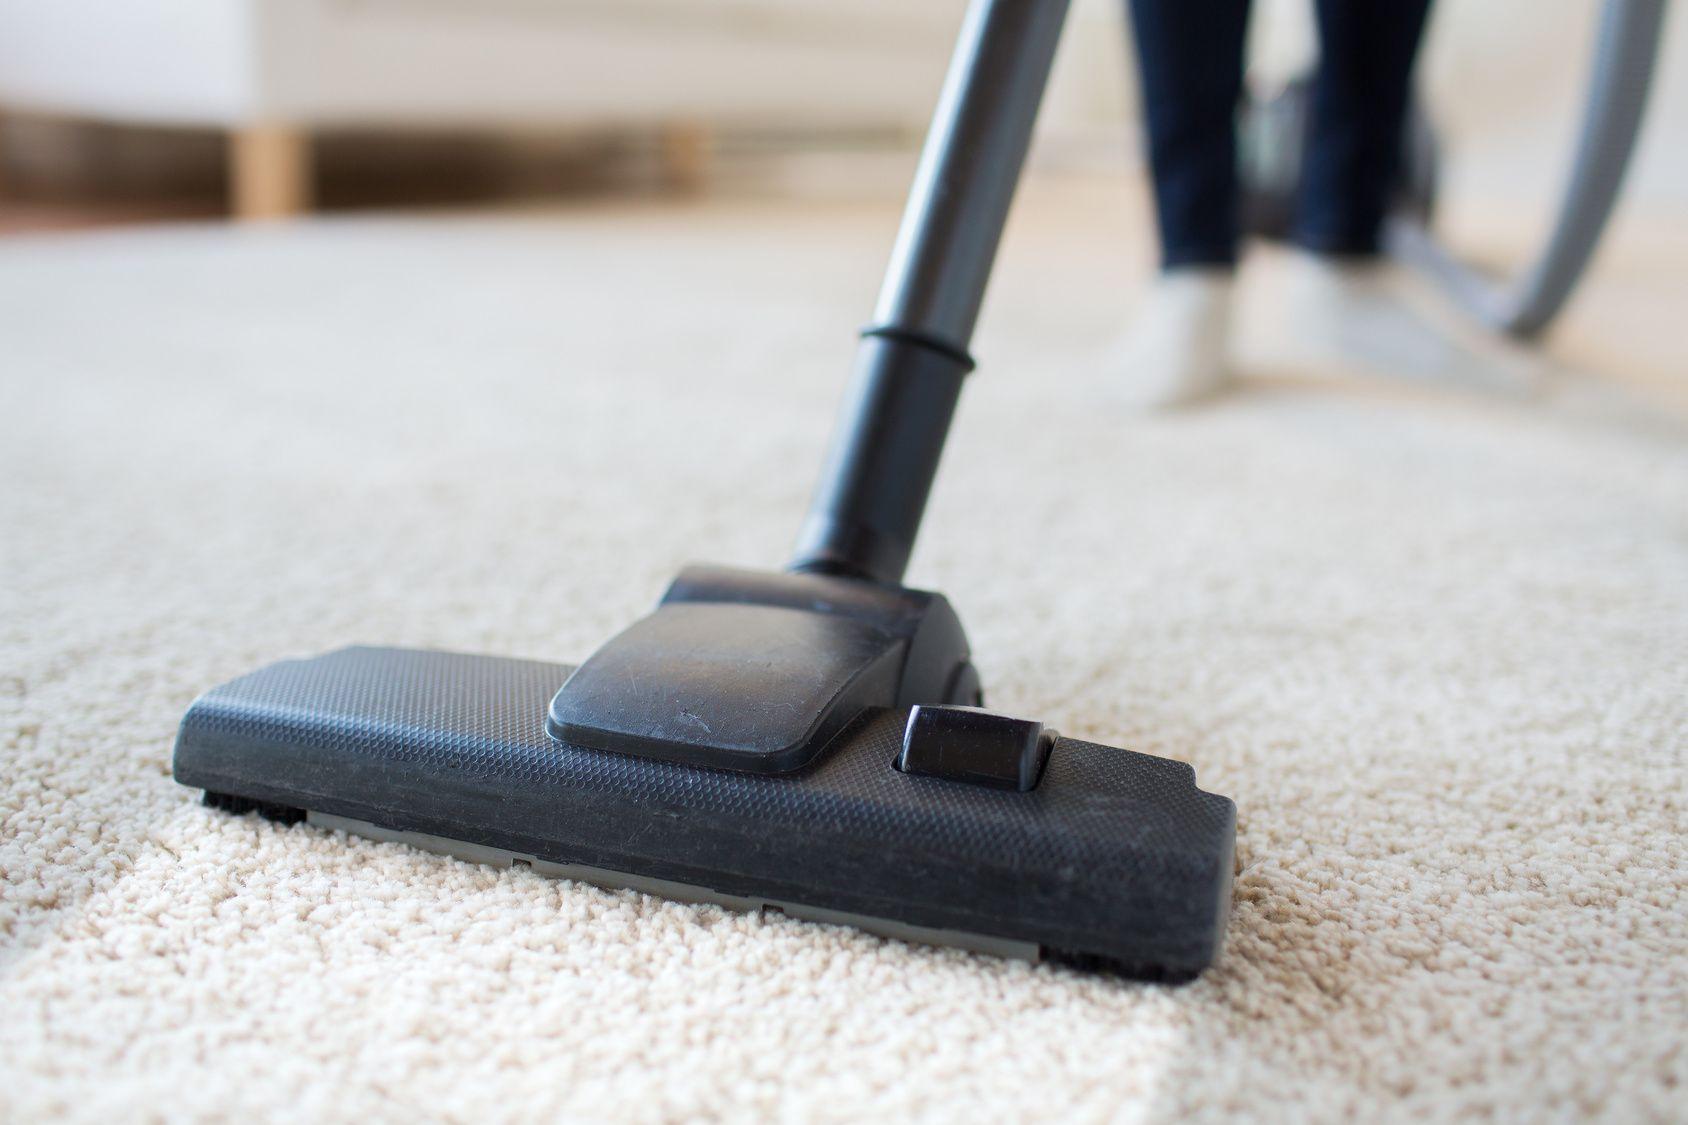 Wer Einen Teppich Hat Der Wird Es Wissen Im Laufe Der Zeit Wird Dieser An Verschiedenen Stellen Du Teppich Reinigen Diy Teppichreiniger Teppichboden Reinigen